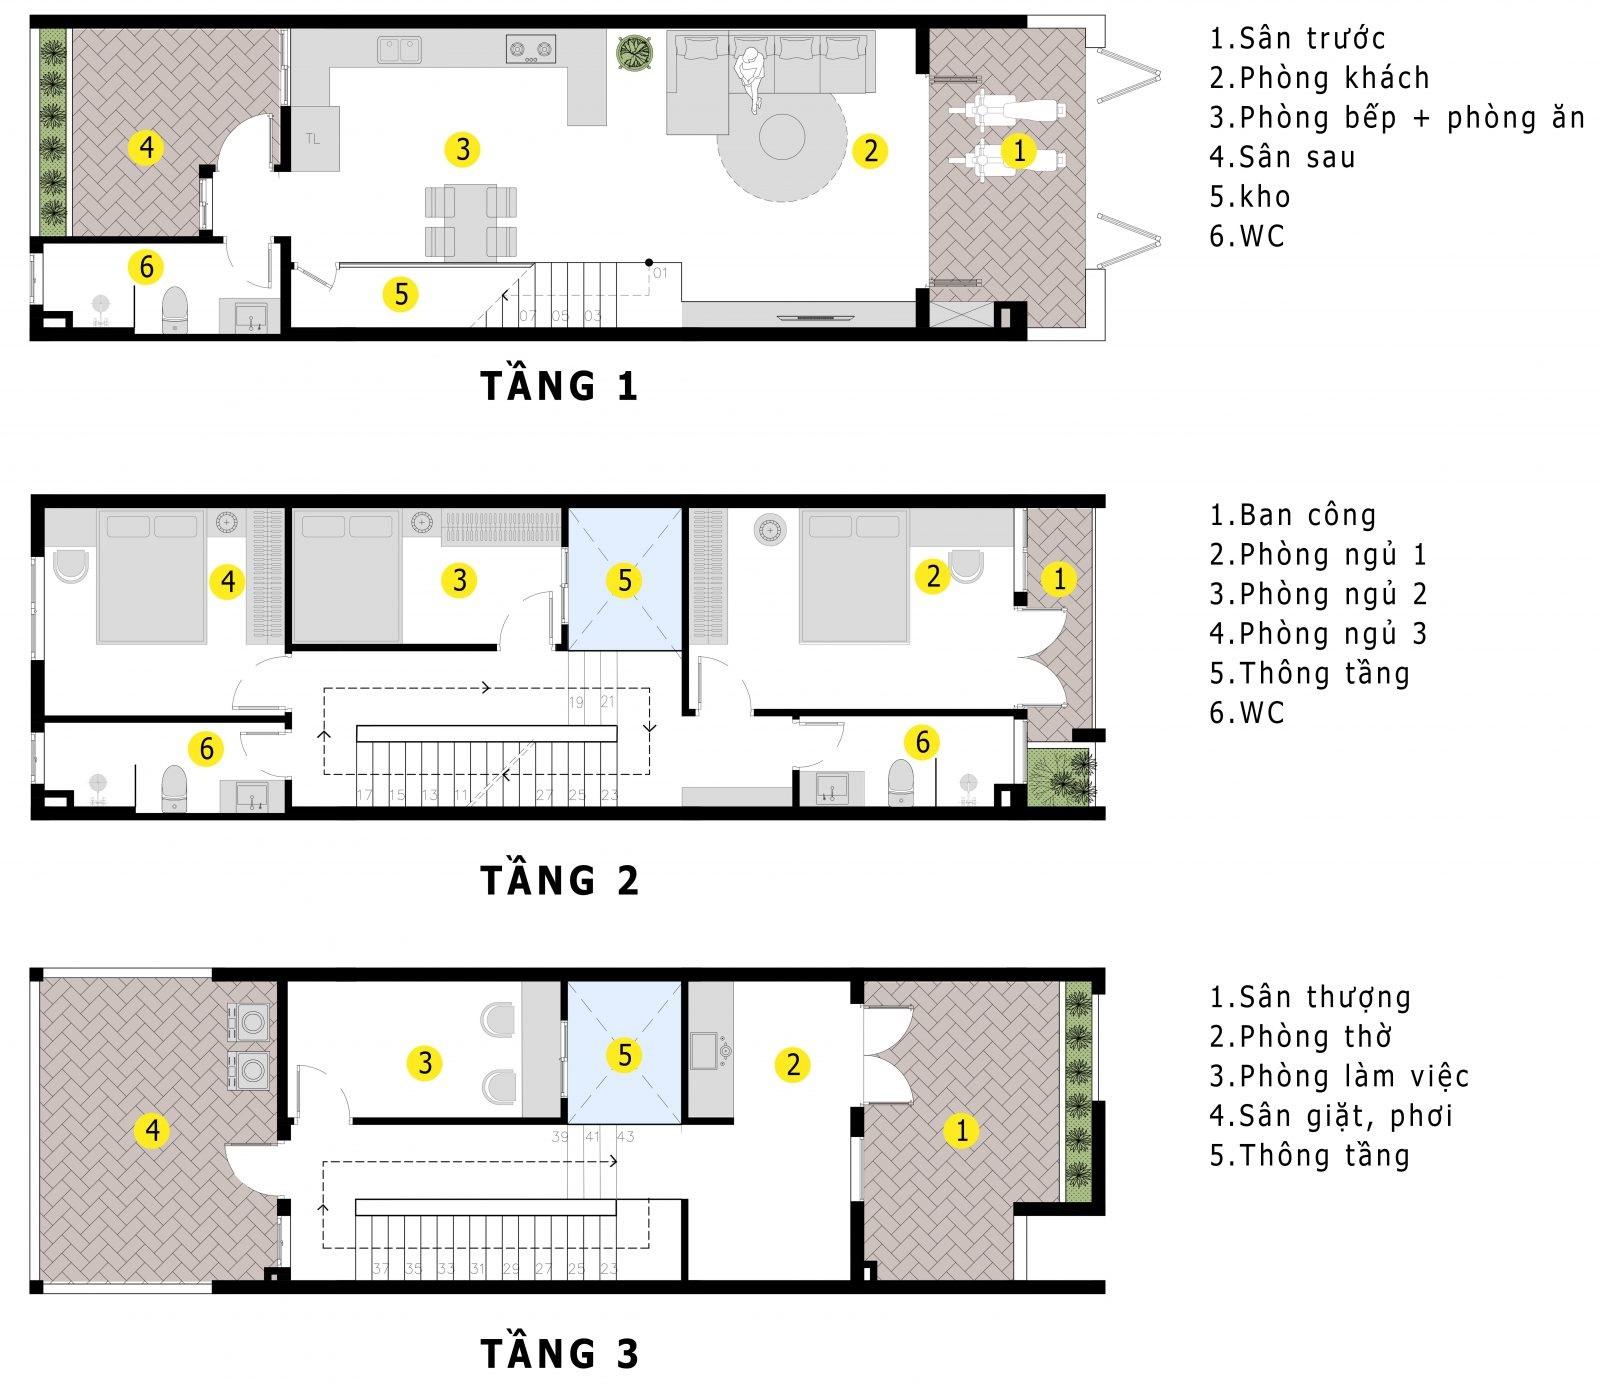 Thiết kế nhà phố 3 tầng phong cách hiện đại, trẻ trung cho gia chủ 9X